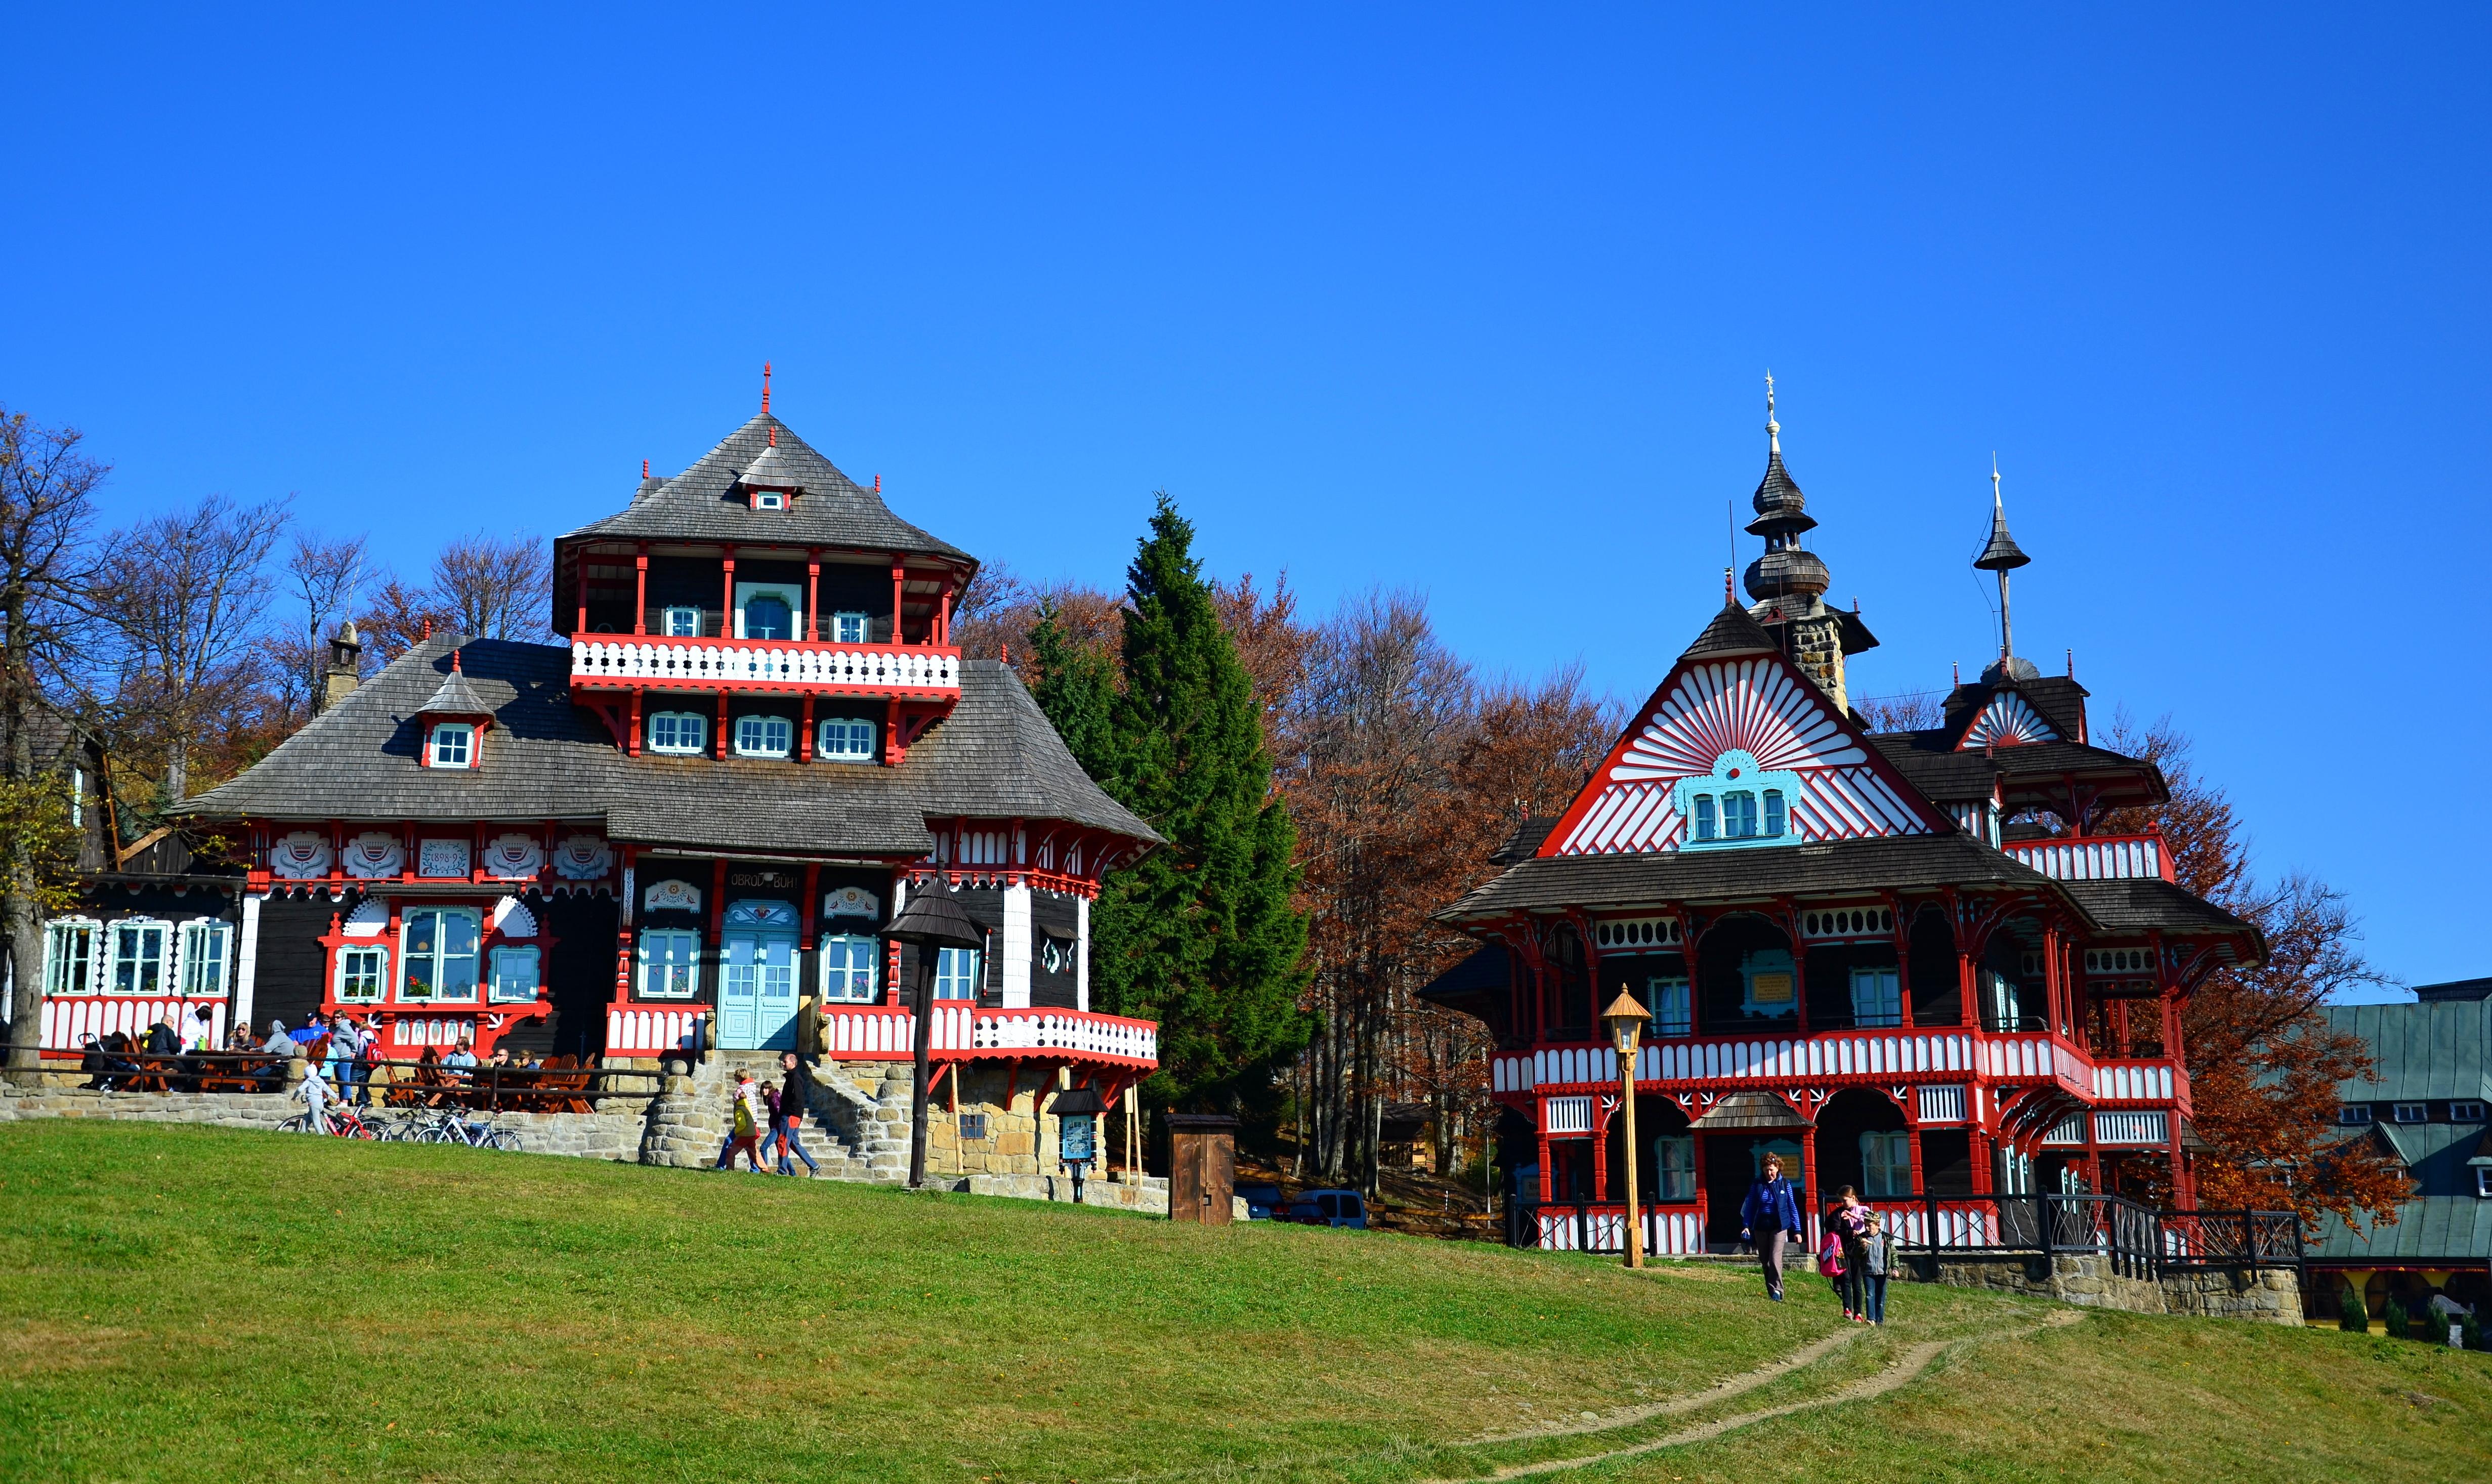 Soubor:Jiná turistická stavba - areál Pustevny - Libušín a ...